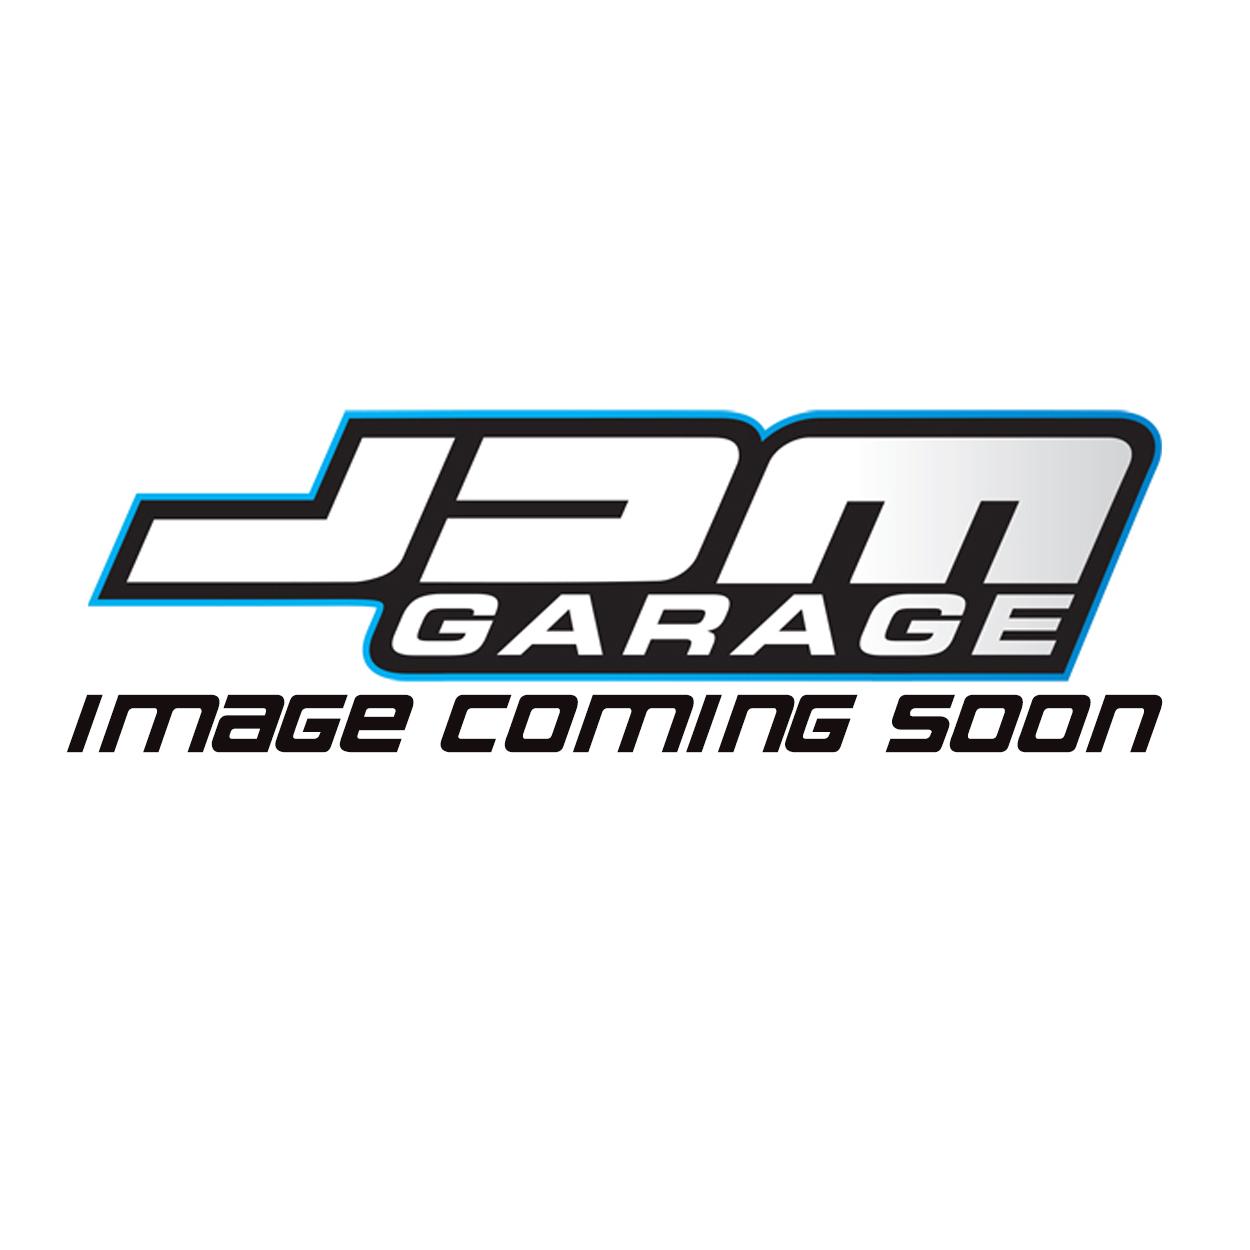 Braided Brake Hose 2 Line Extra Long Drift Kit - Front - Skyline R32 / R33 / R34 / S13 / S14 / S15